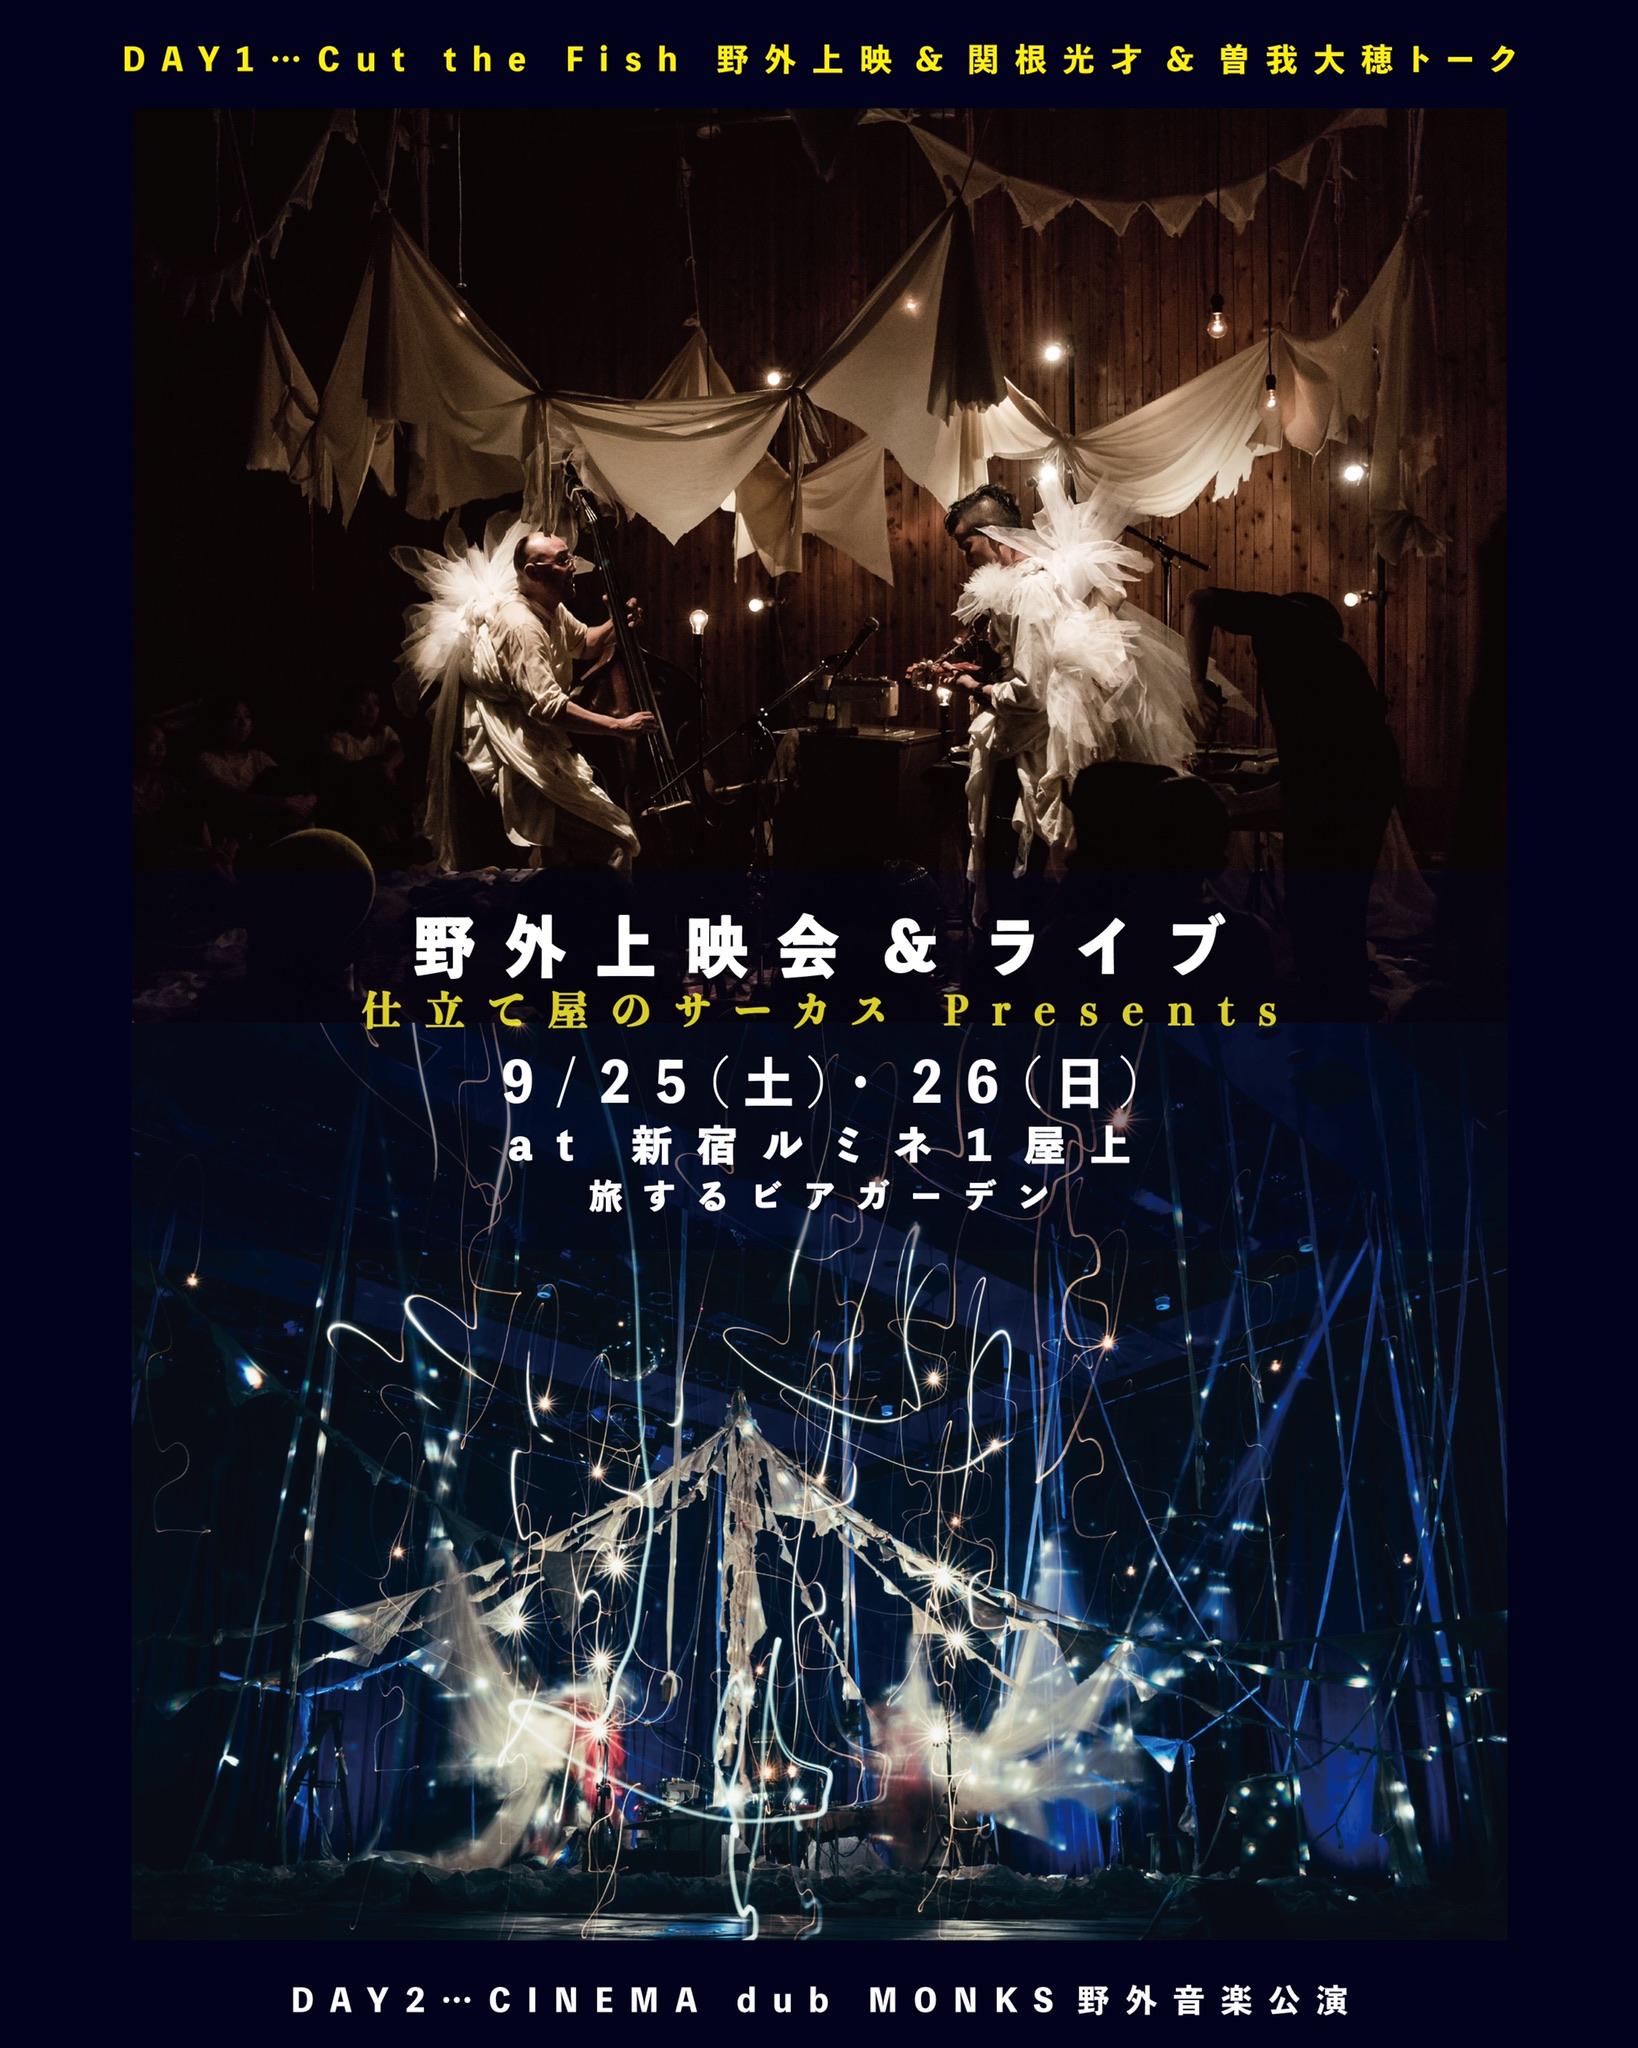 """9/25(土)・26(日)【仕立て屋のサーカスpresents """"野外上映会&ライブ""""】"""